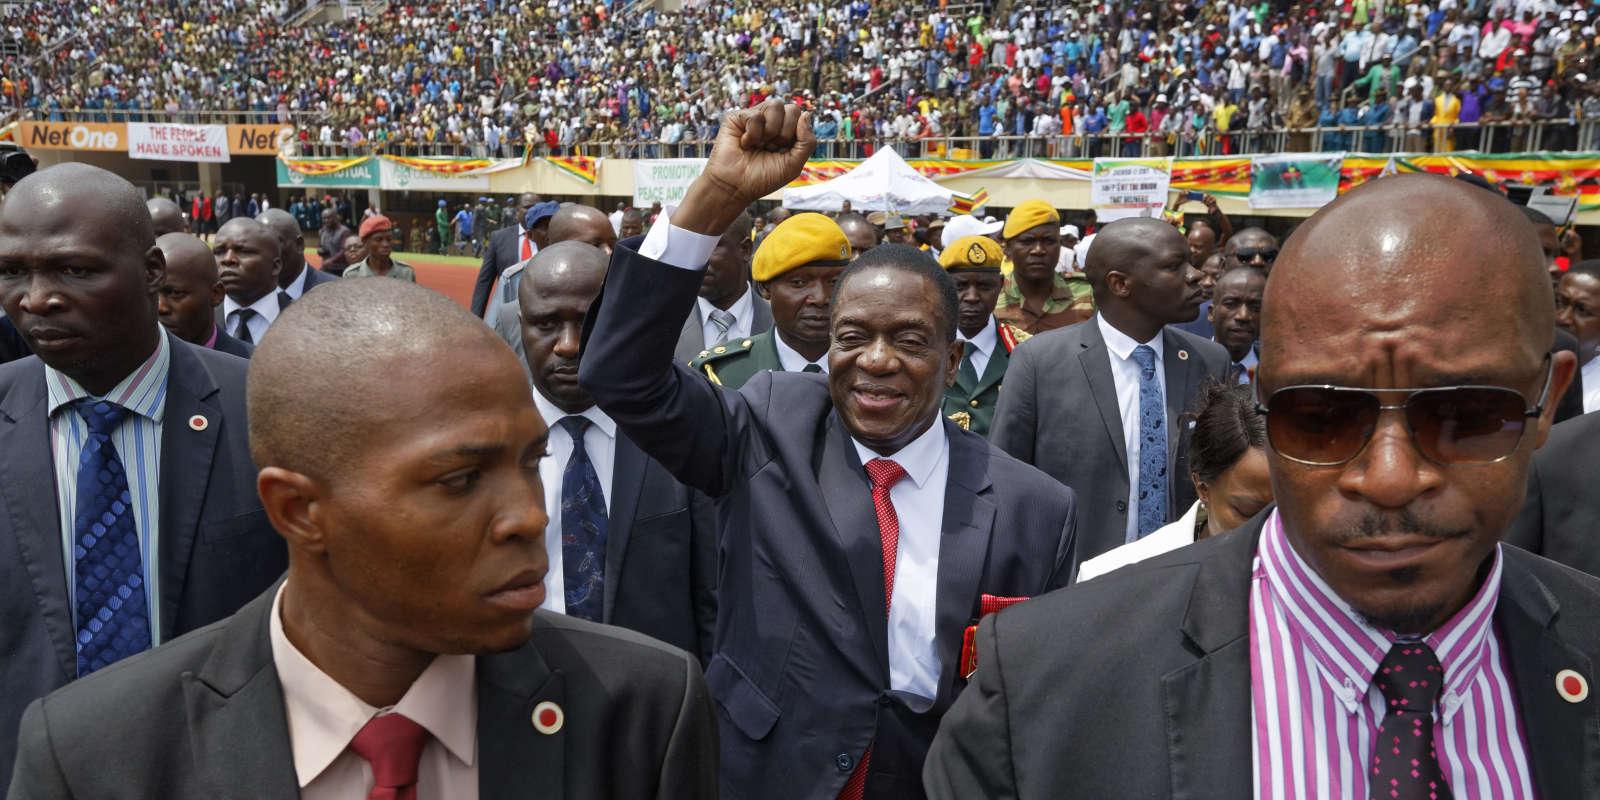 Emmerson Mnangagwa arrive à la cérémonie de son investiture à la présidence du Zimbabwe, dans un stade d'Harare, le 24 novembre.